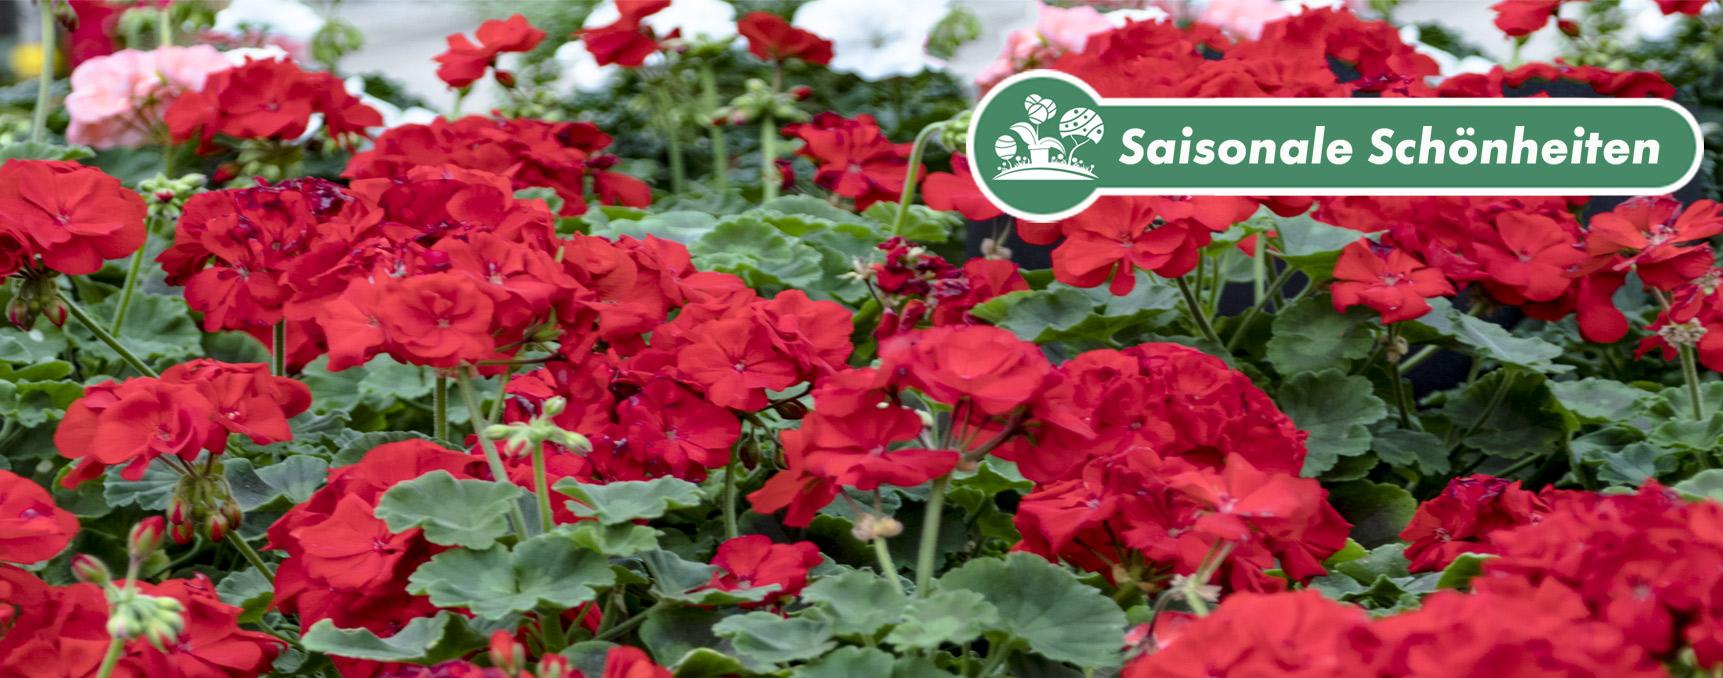 Beet Balkon Pflanzen Und Gartencenter Hedden